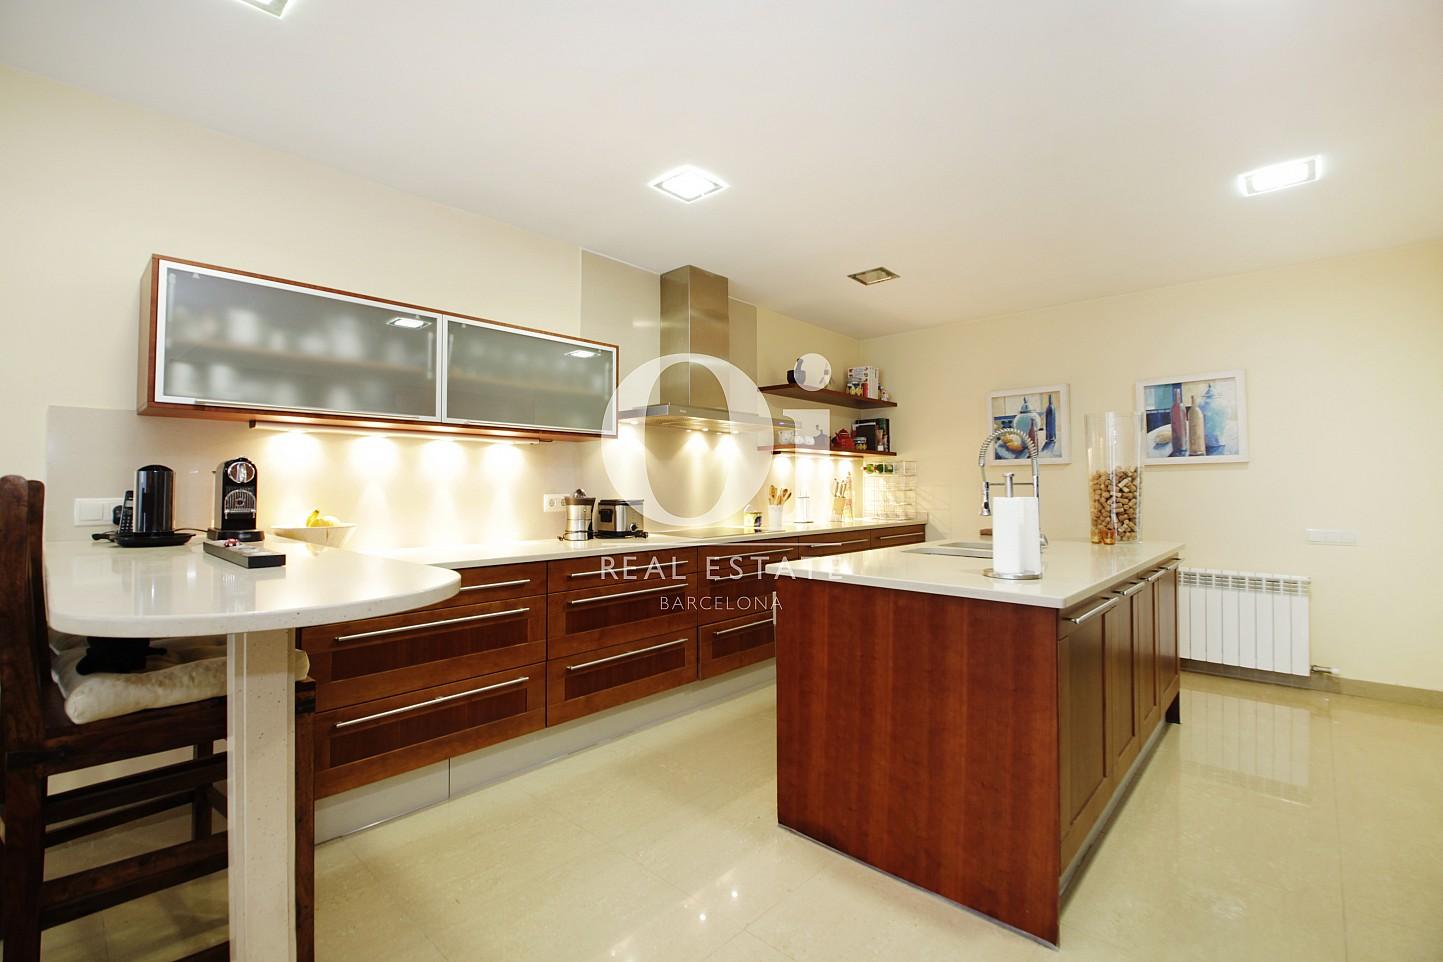 Cocina de casa en alquiler en Premia de Dalt, Maresme, Barcelona